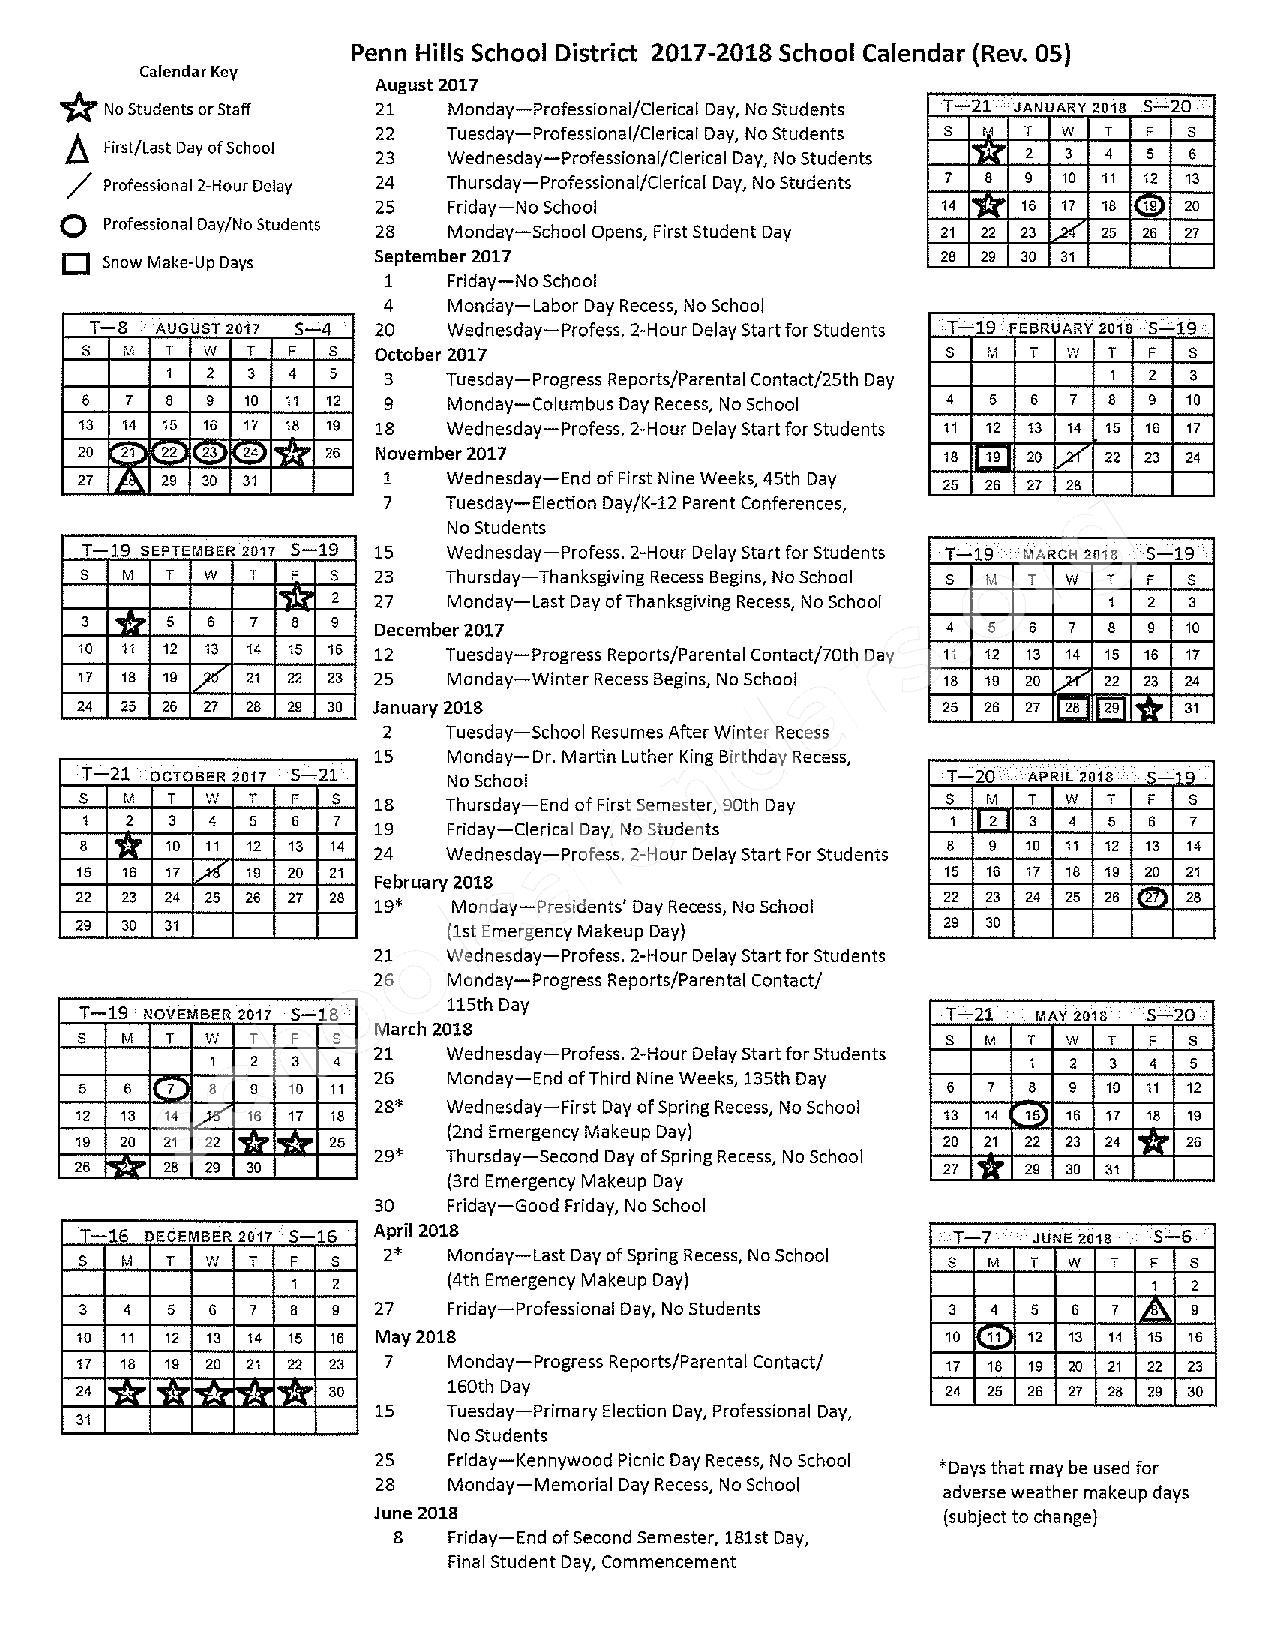 Penn Calendar.2017 2018 School Calendar Penn Hills School District